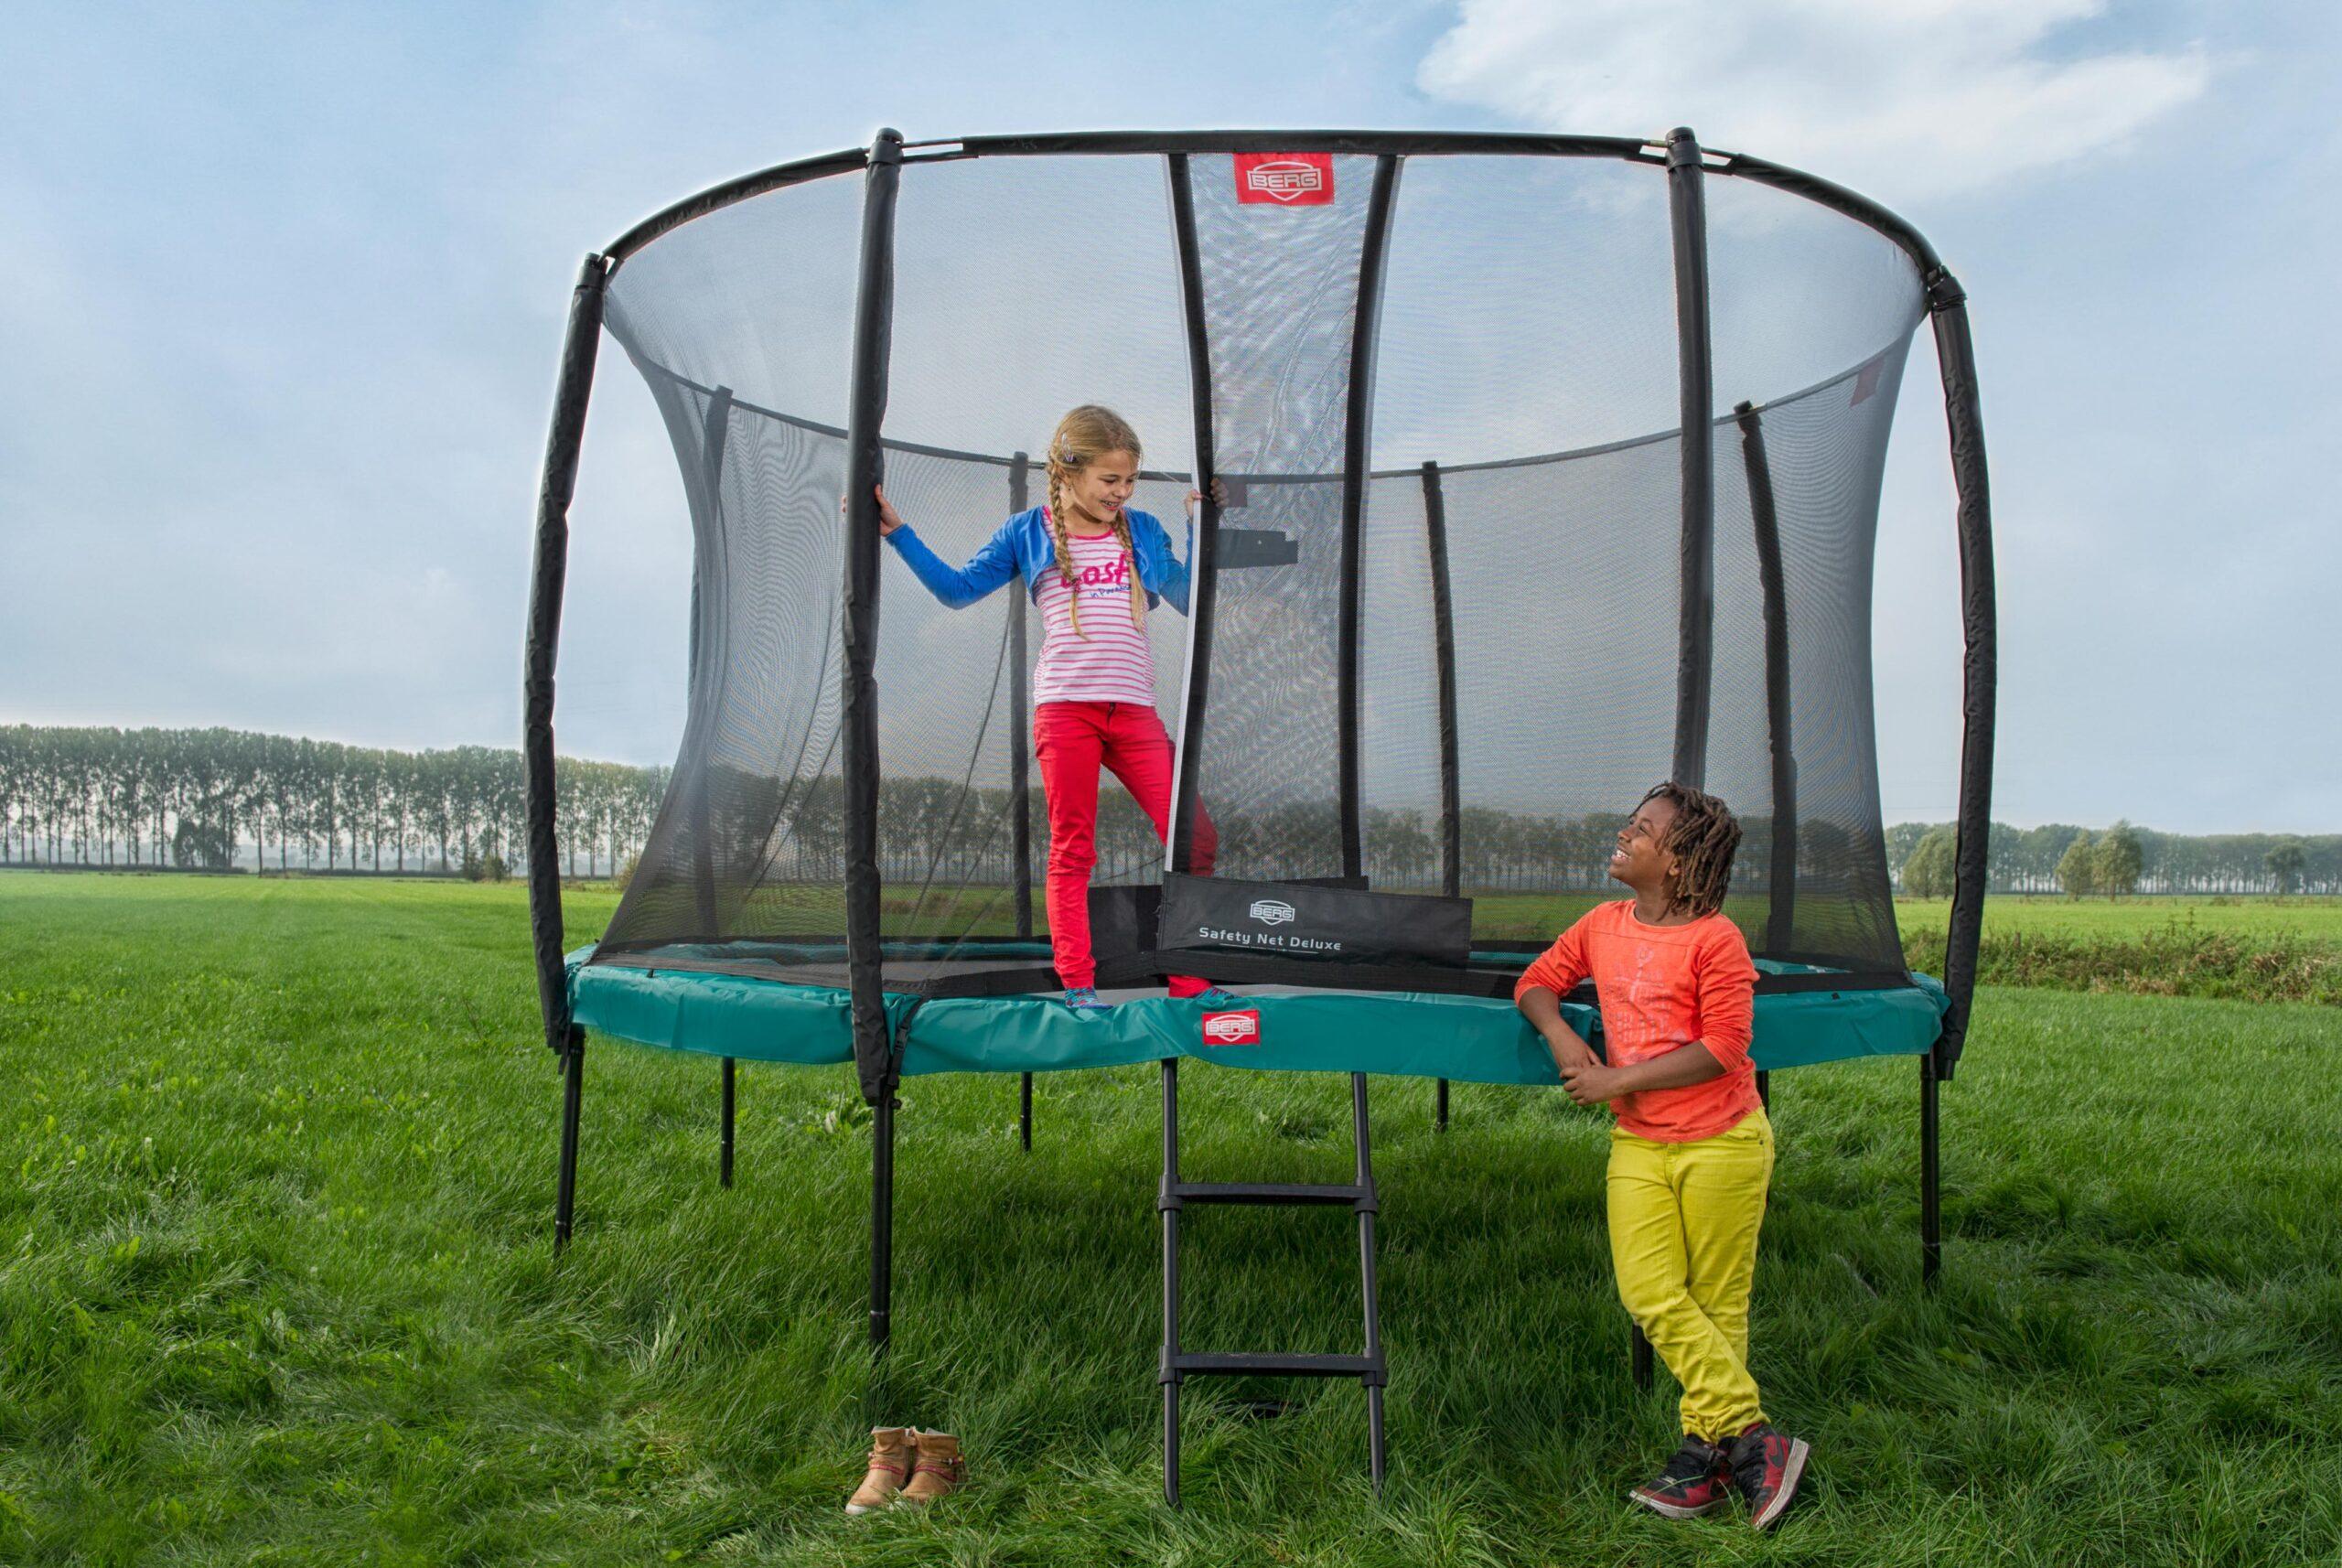 ילד וילדה משחקים בטרמפולינת ברג צ'מפיון עם רשת ביטחון בצבע ירוק